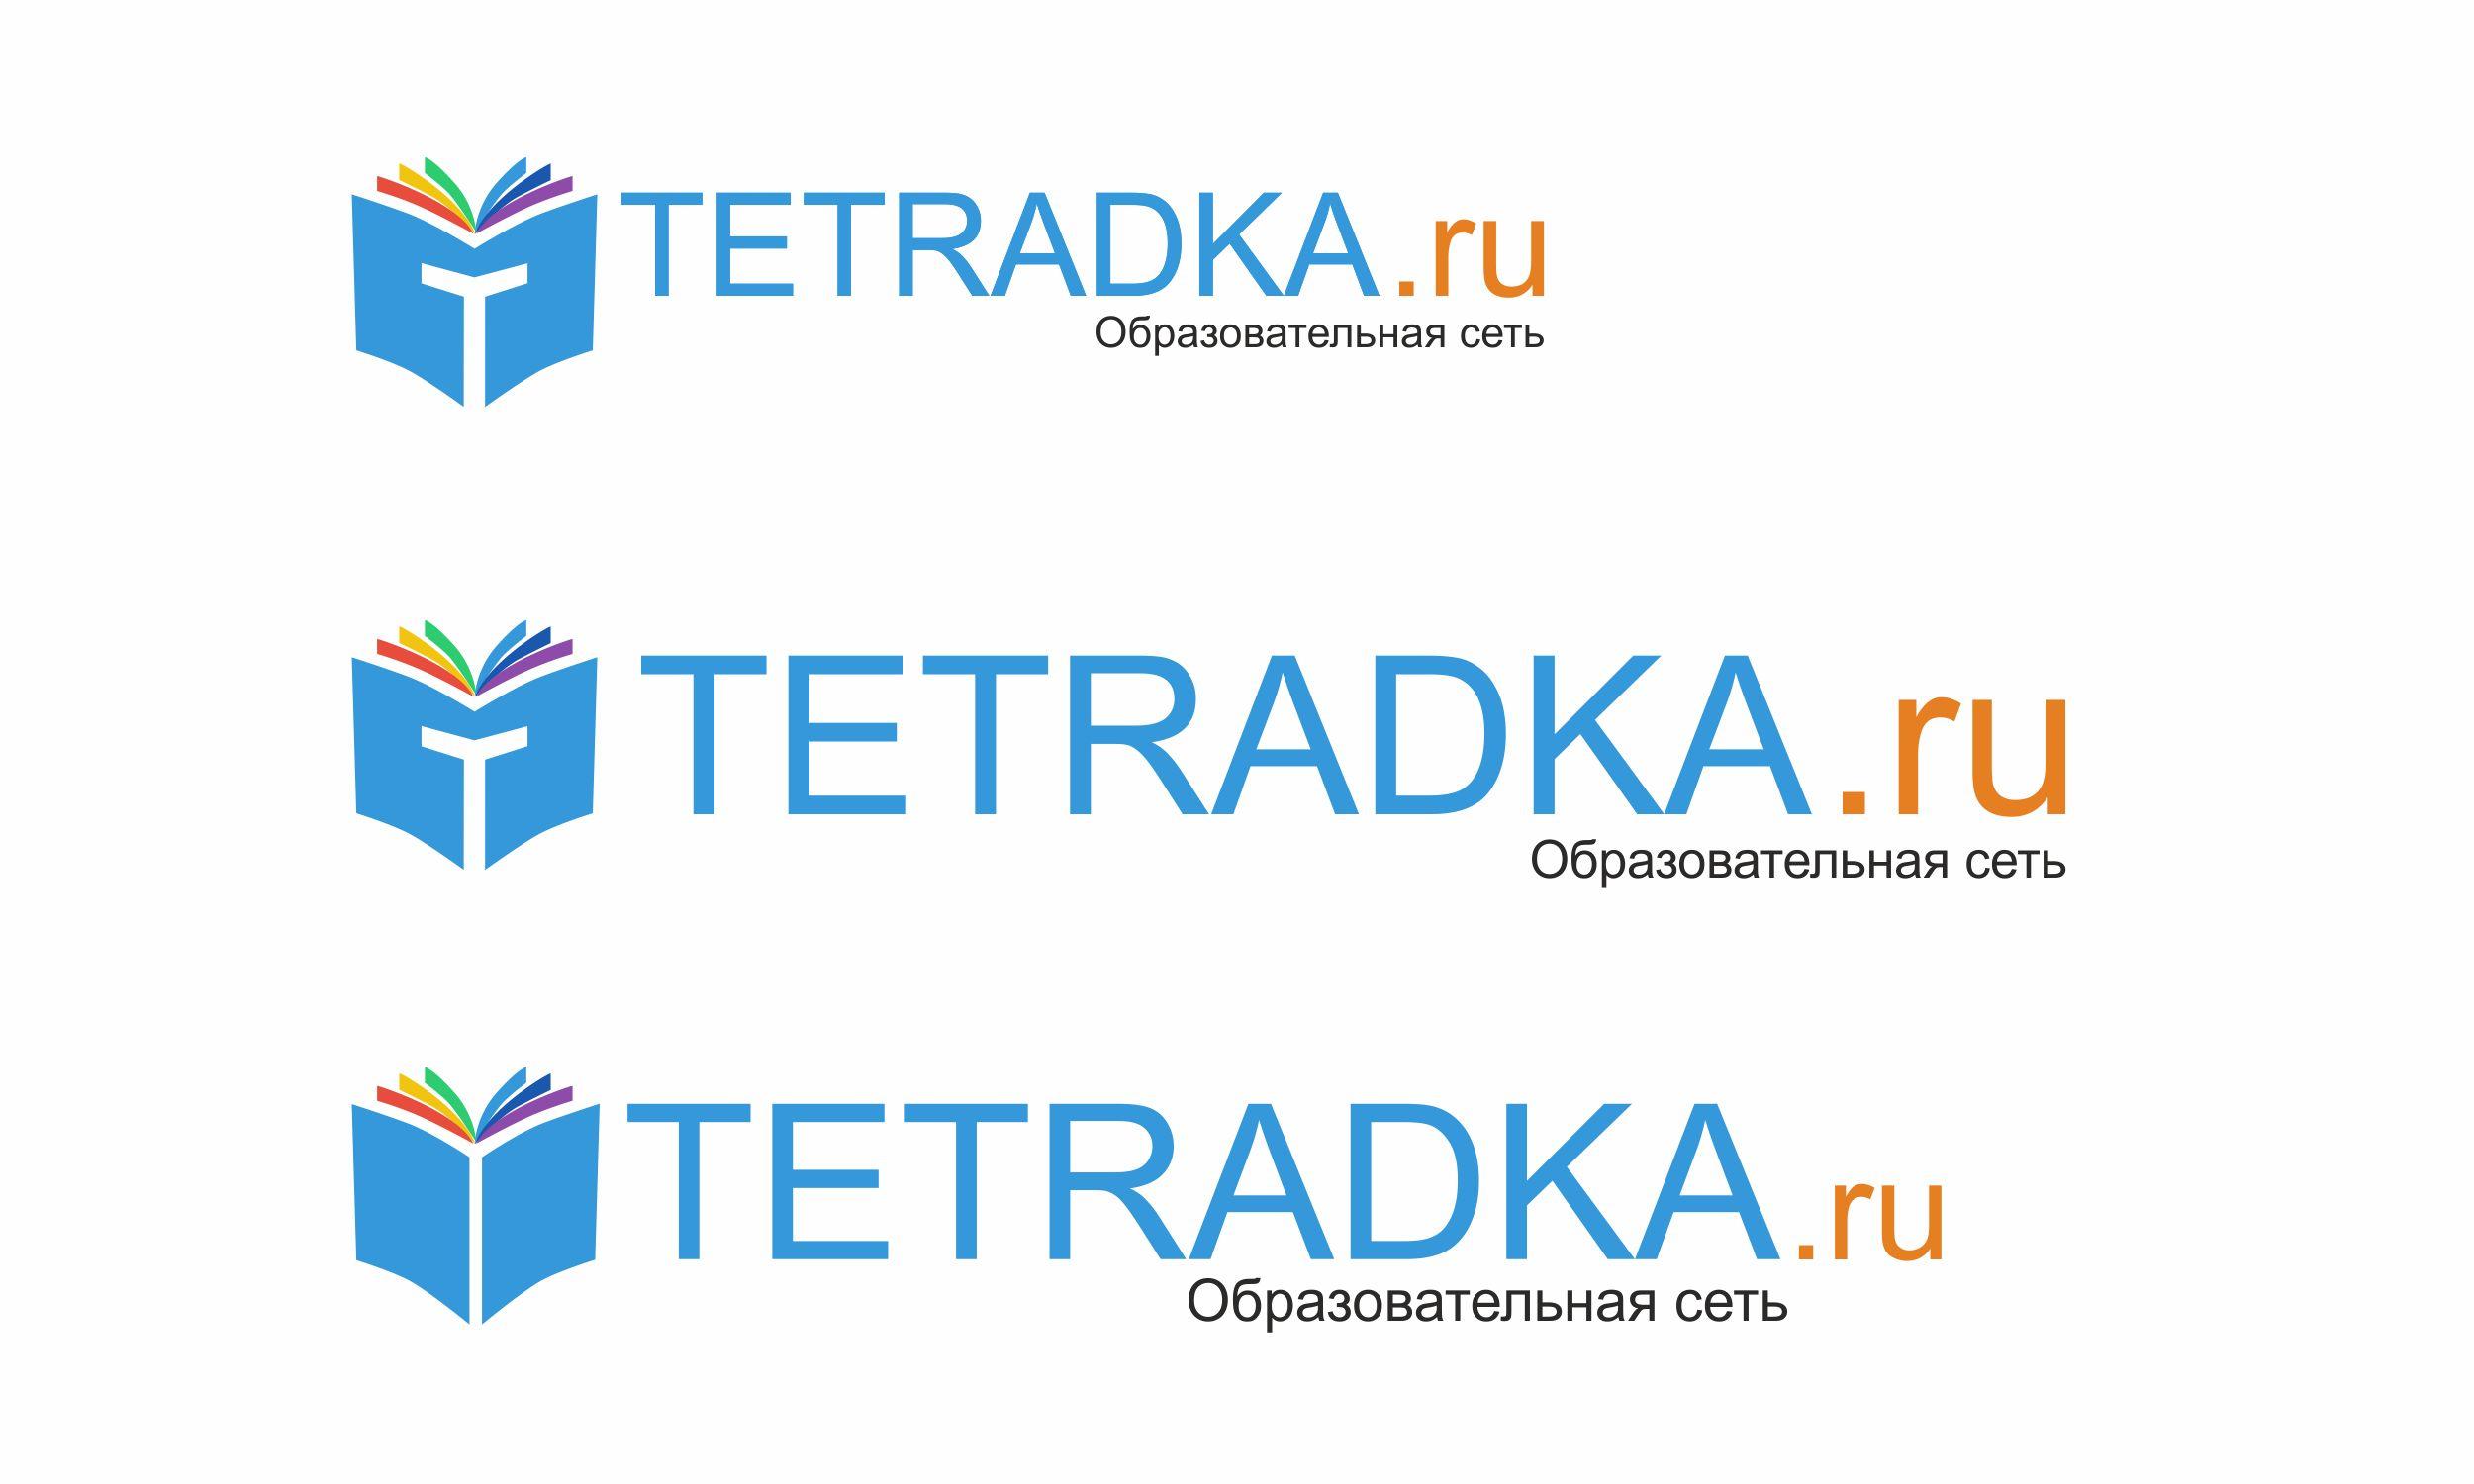 Логотип для образовательной сети tetradka.ru - дизайнер goljakovai